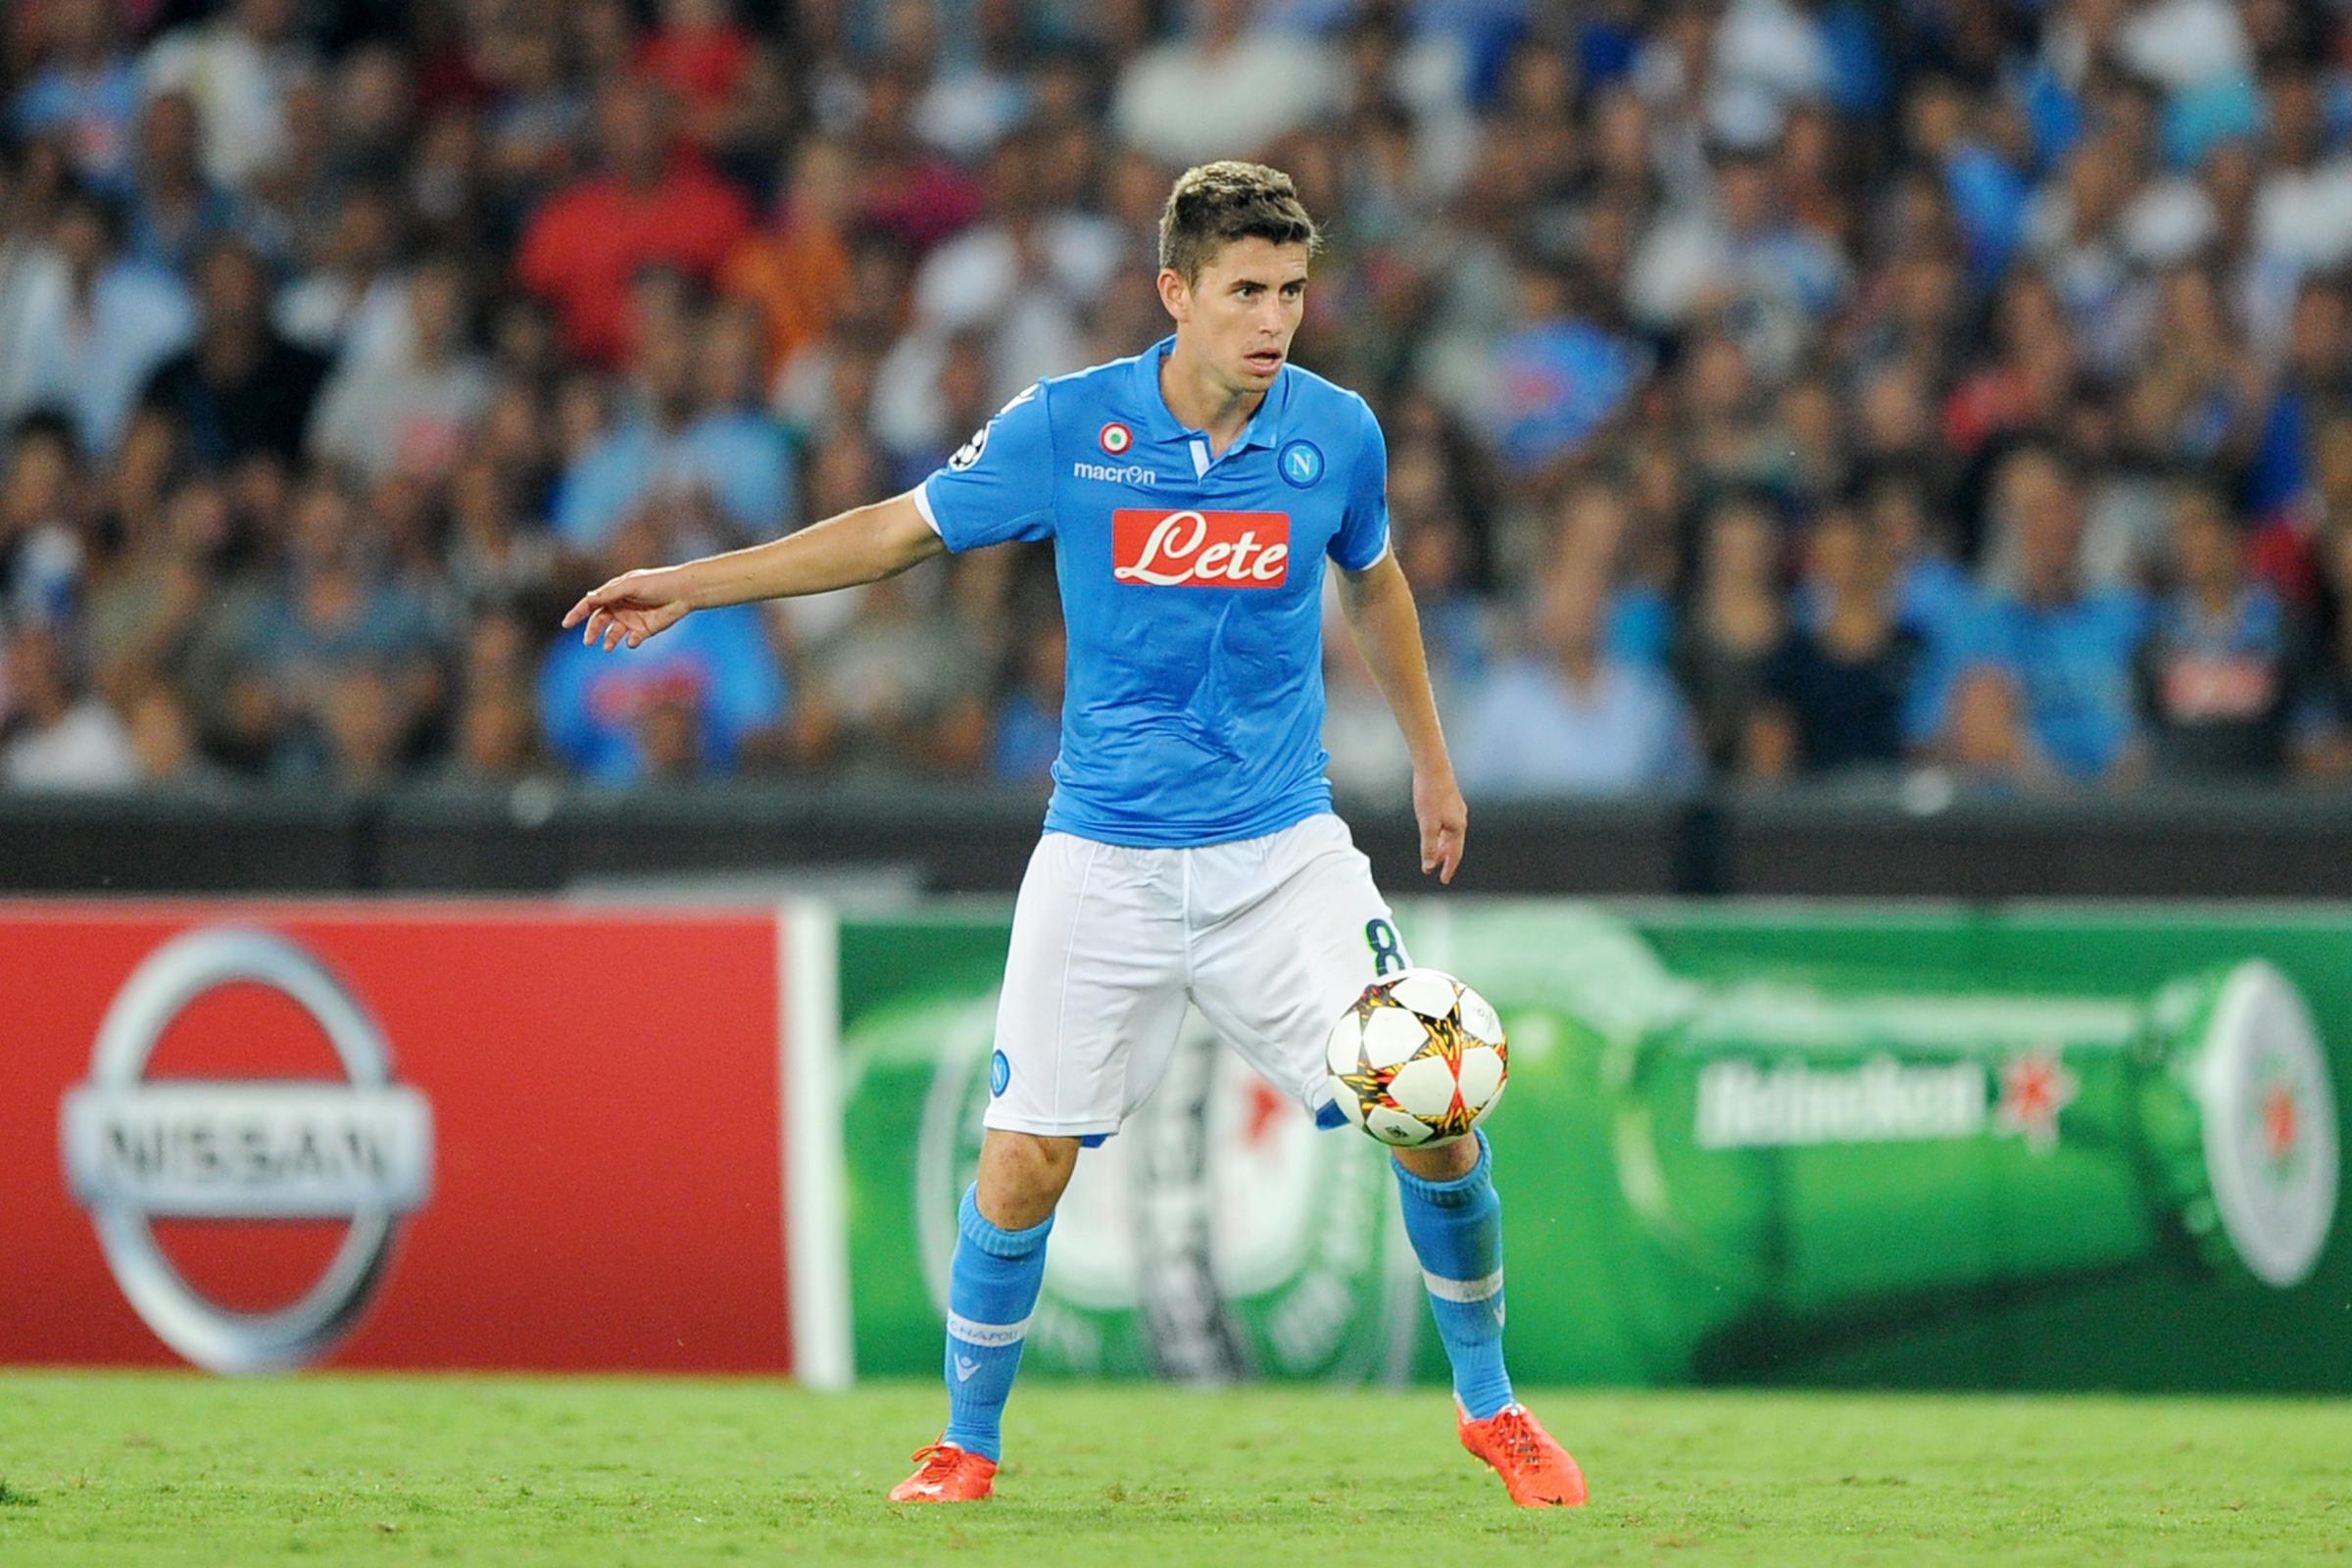 Il Napoli dovrebbe riscattare Jorginho dal Verona dopo le prestazioni dell'italo-brasiliano delle ultime settimane